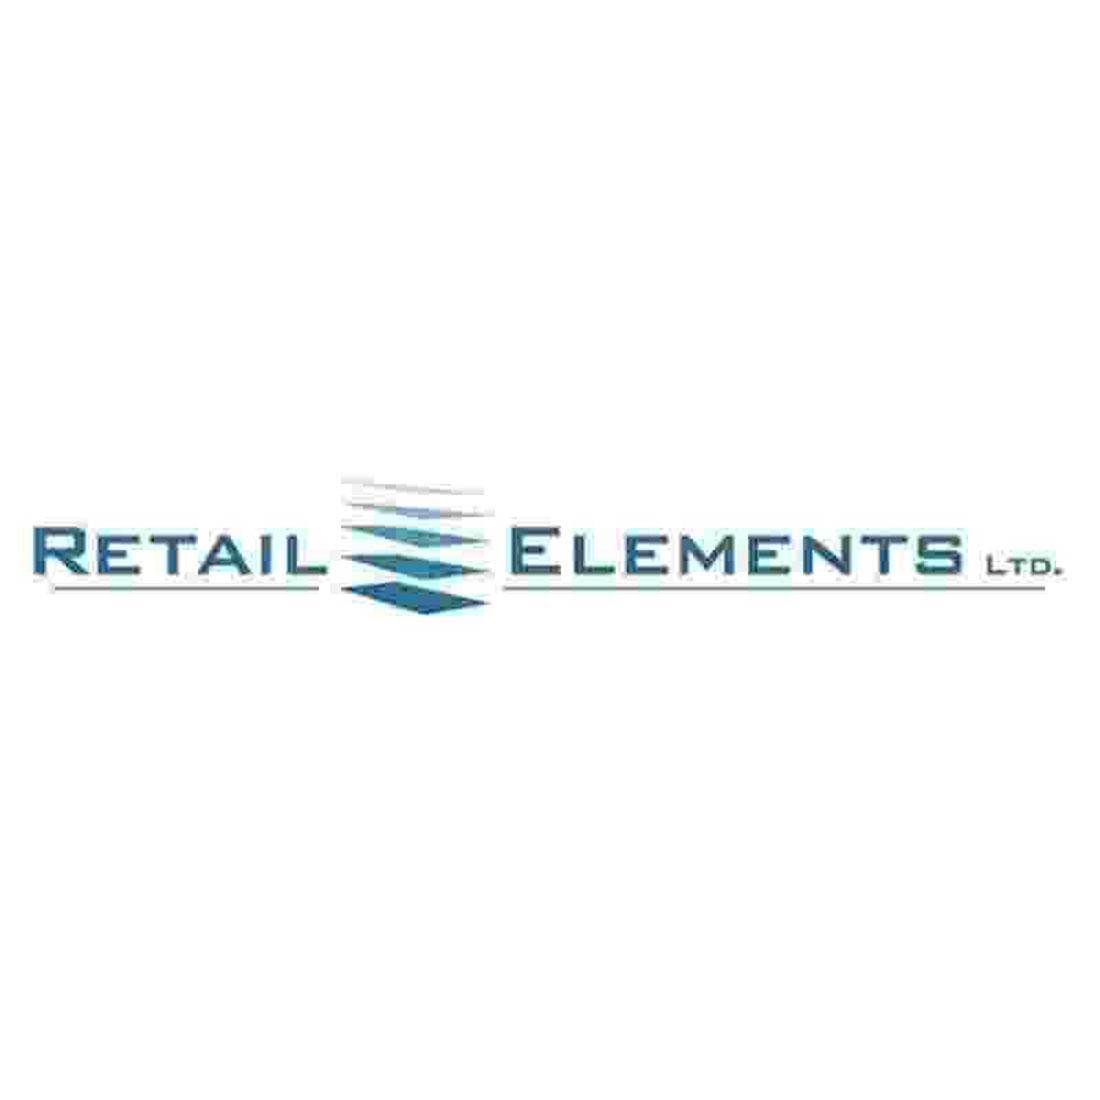 Retail Elements